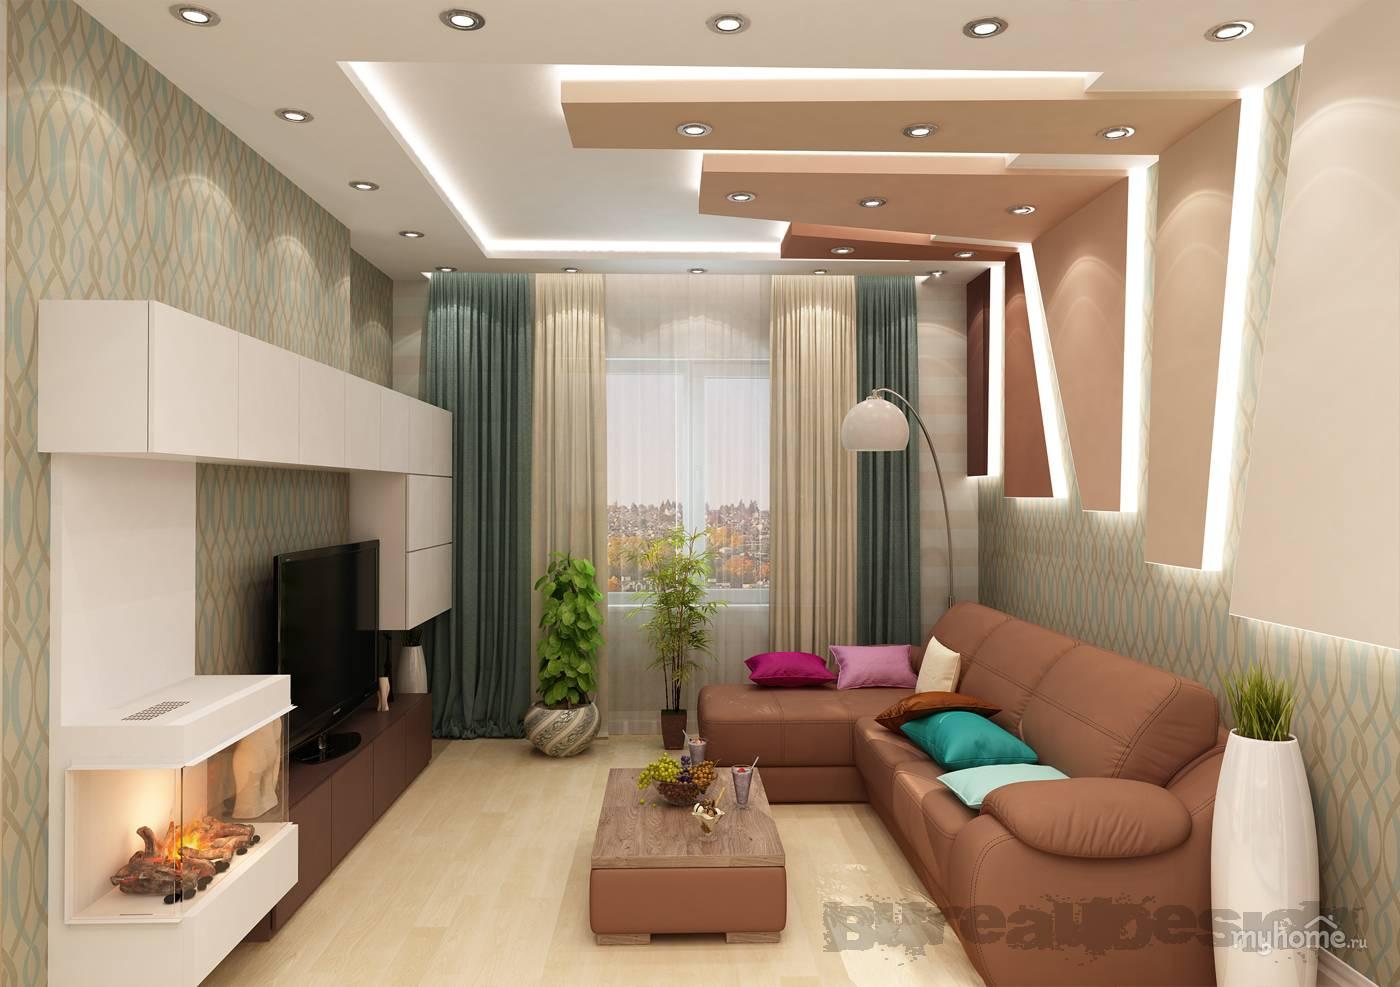 Проект дизайна совмещенной кухни и гостиной небольших размеров: планировка, рекомендации по интерьеру, фото.